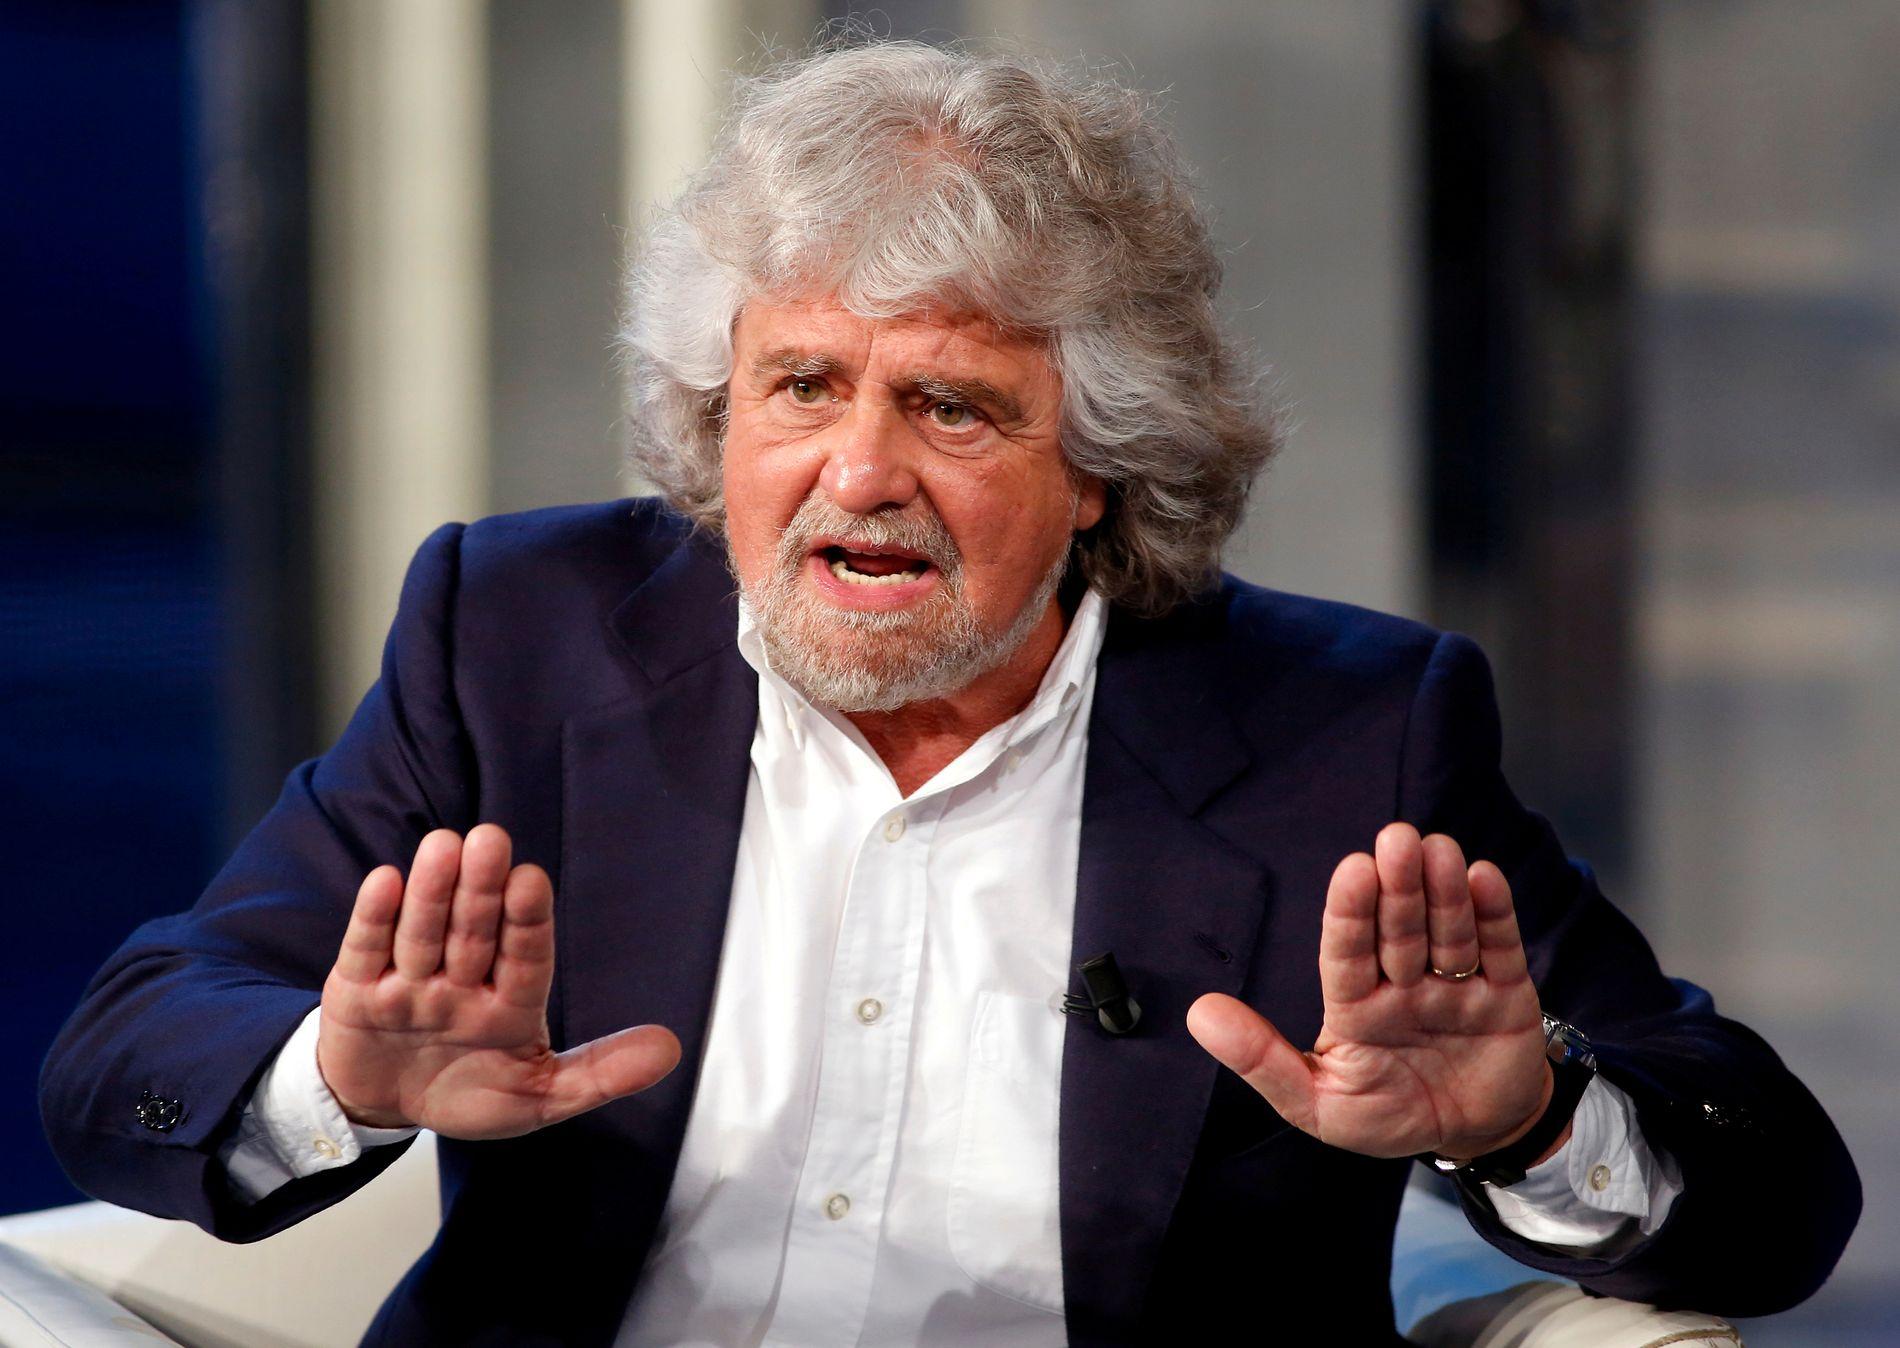 KOMIKER OG POLITIKER: Beppe Grillo var komikeren som skrev en blogg og ble politiker. Nå er han eneleder i Femstjernersbevegelsen.